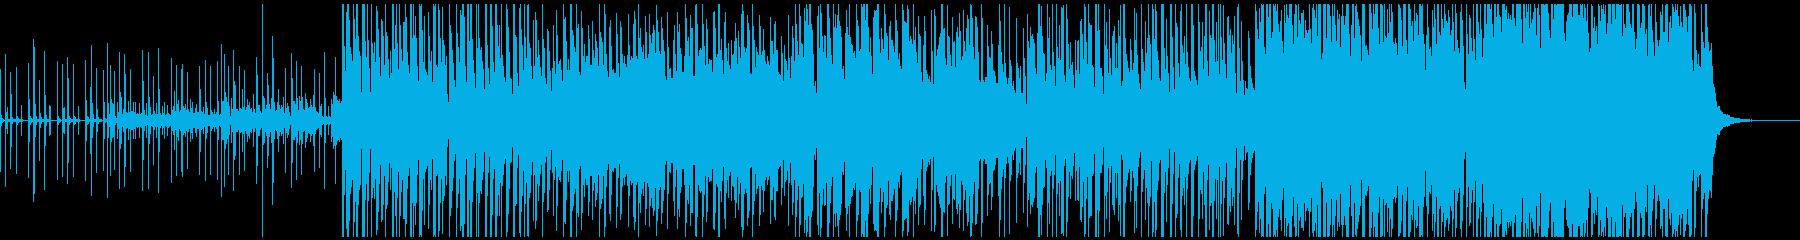 やわらかくて明るいエレクトロニカの再生済みの波形